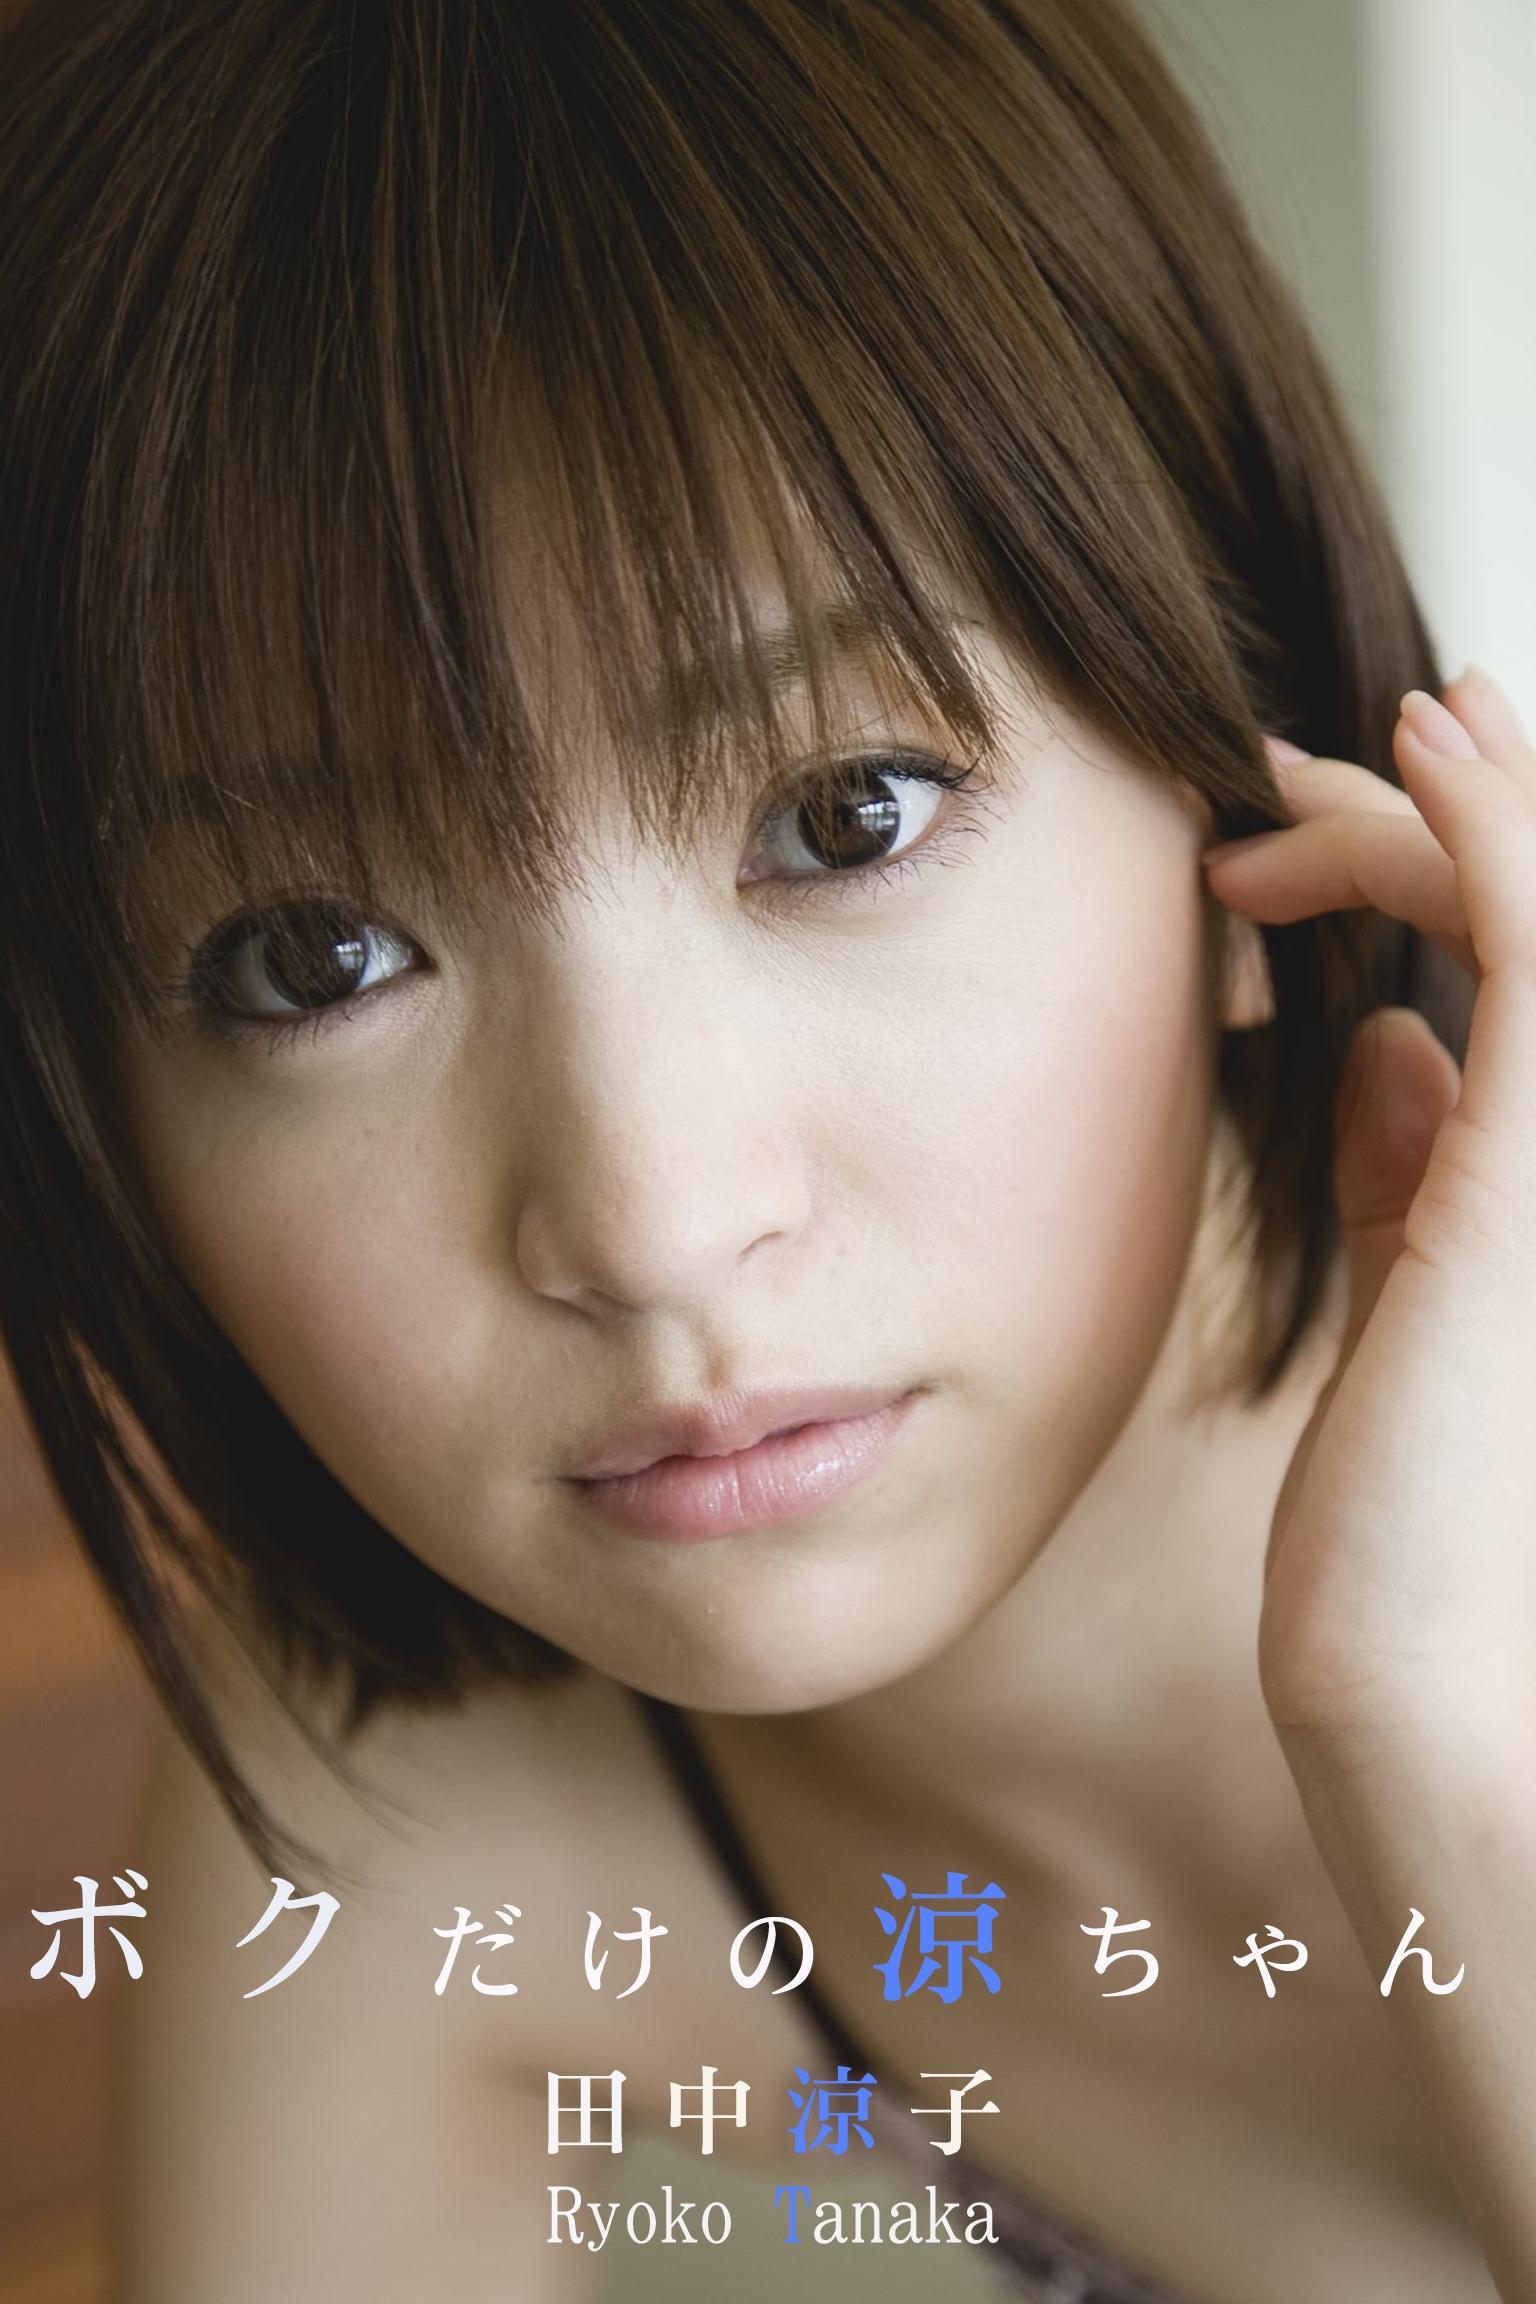 田中涼子さんの画像その68